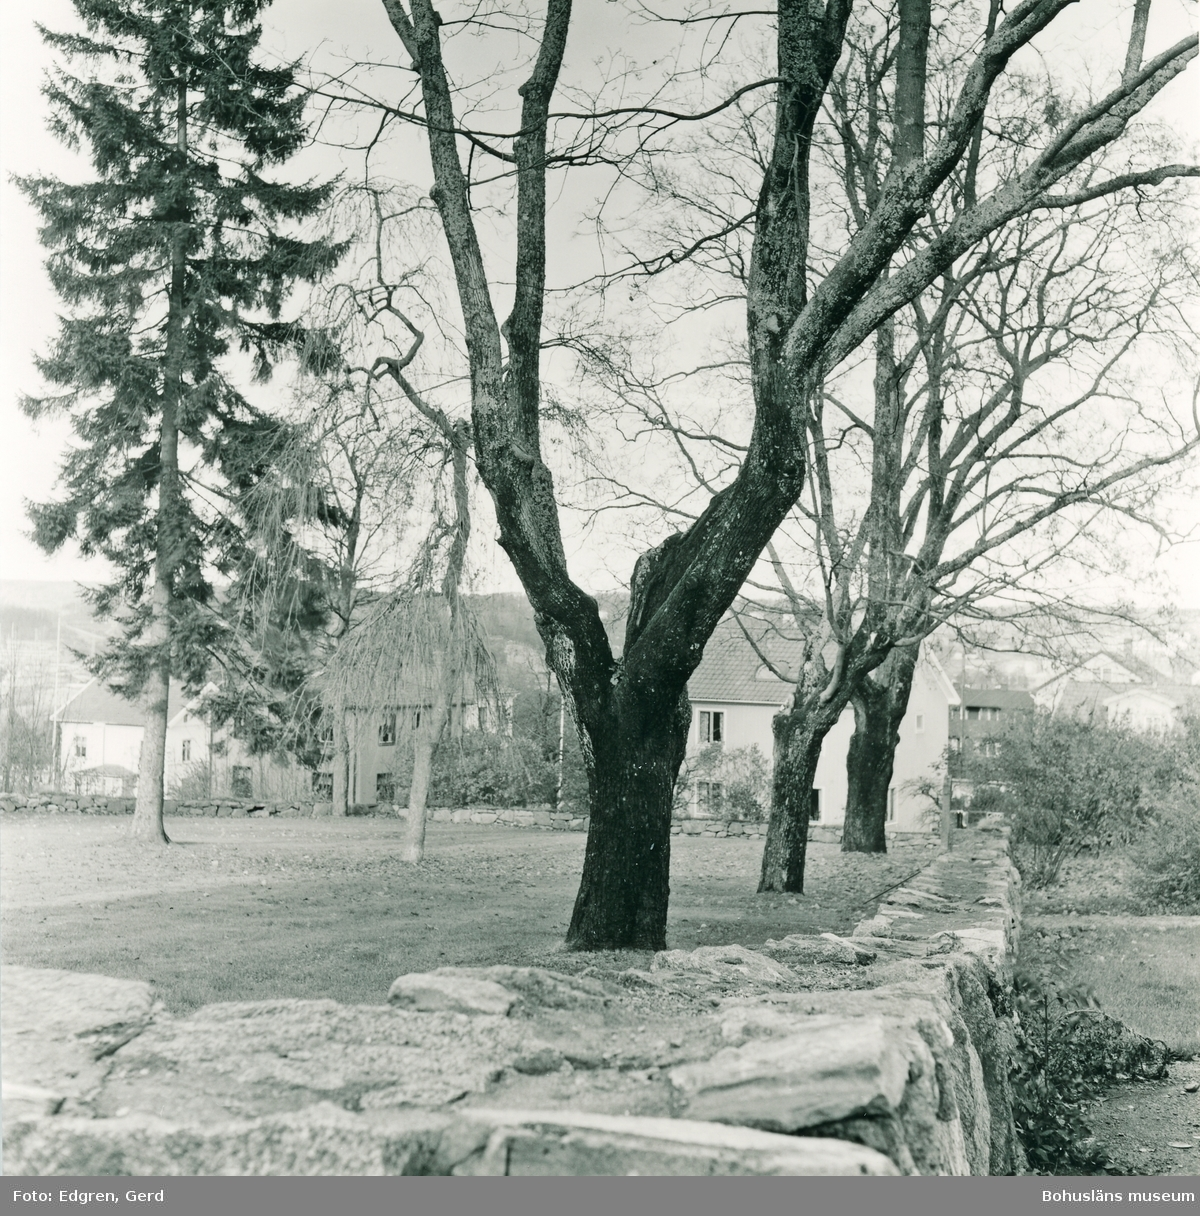 """Text till bilden: """"Kolerakyrkogården. Östra delen av kyrkogården. I mitten syns en hängask - ett ympat träd som ofta återfinns på kyrkogårdarna i landskapet""""."""